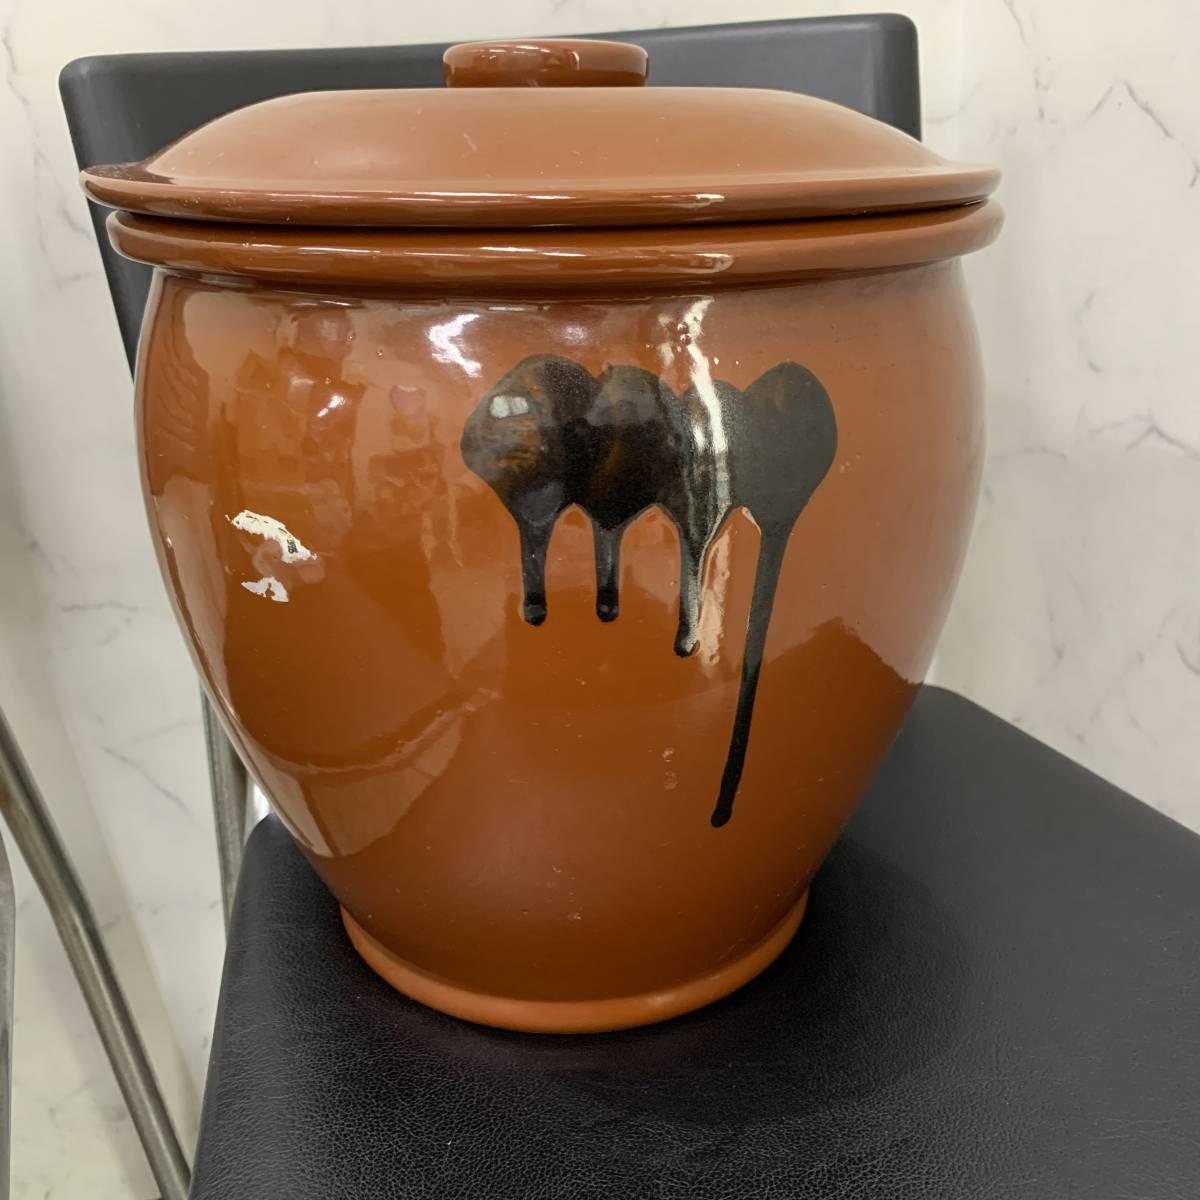 1、常滑焼 久松窯 梅干し壺 漬物容器 かめ 漬物 らっきょ 梅干 味噌 蓋付 経年保管品_画像4